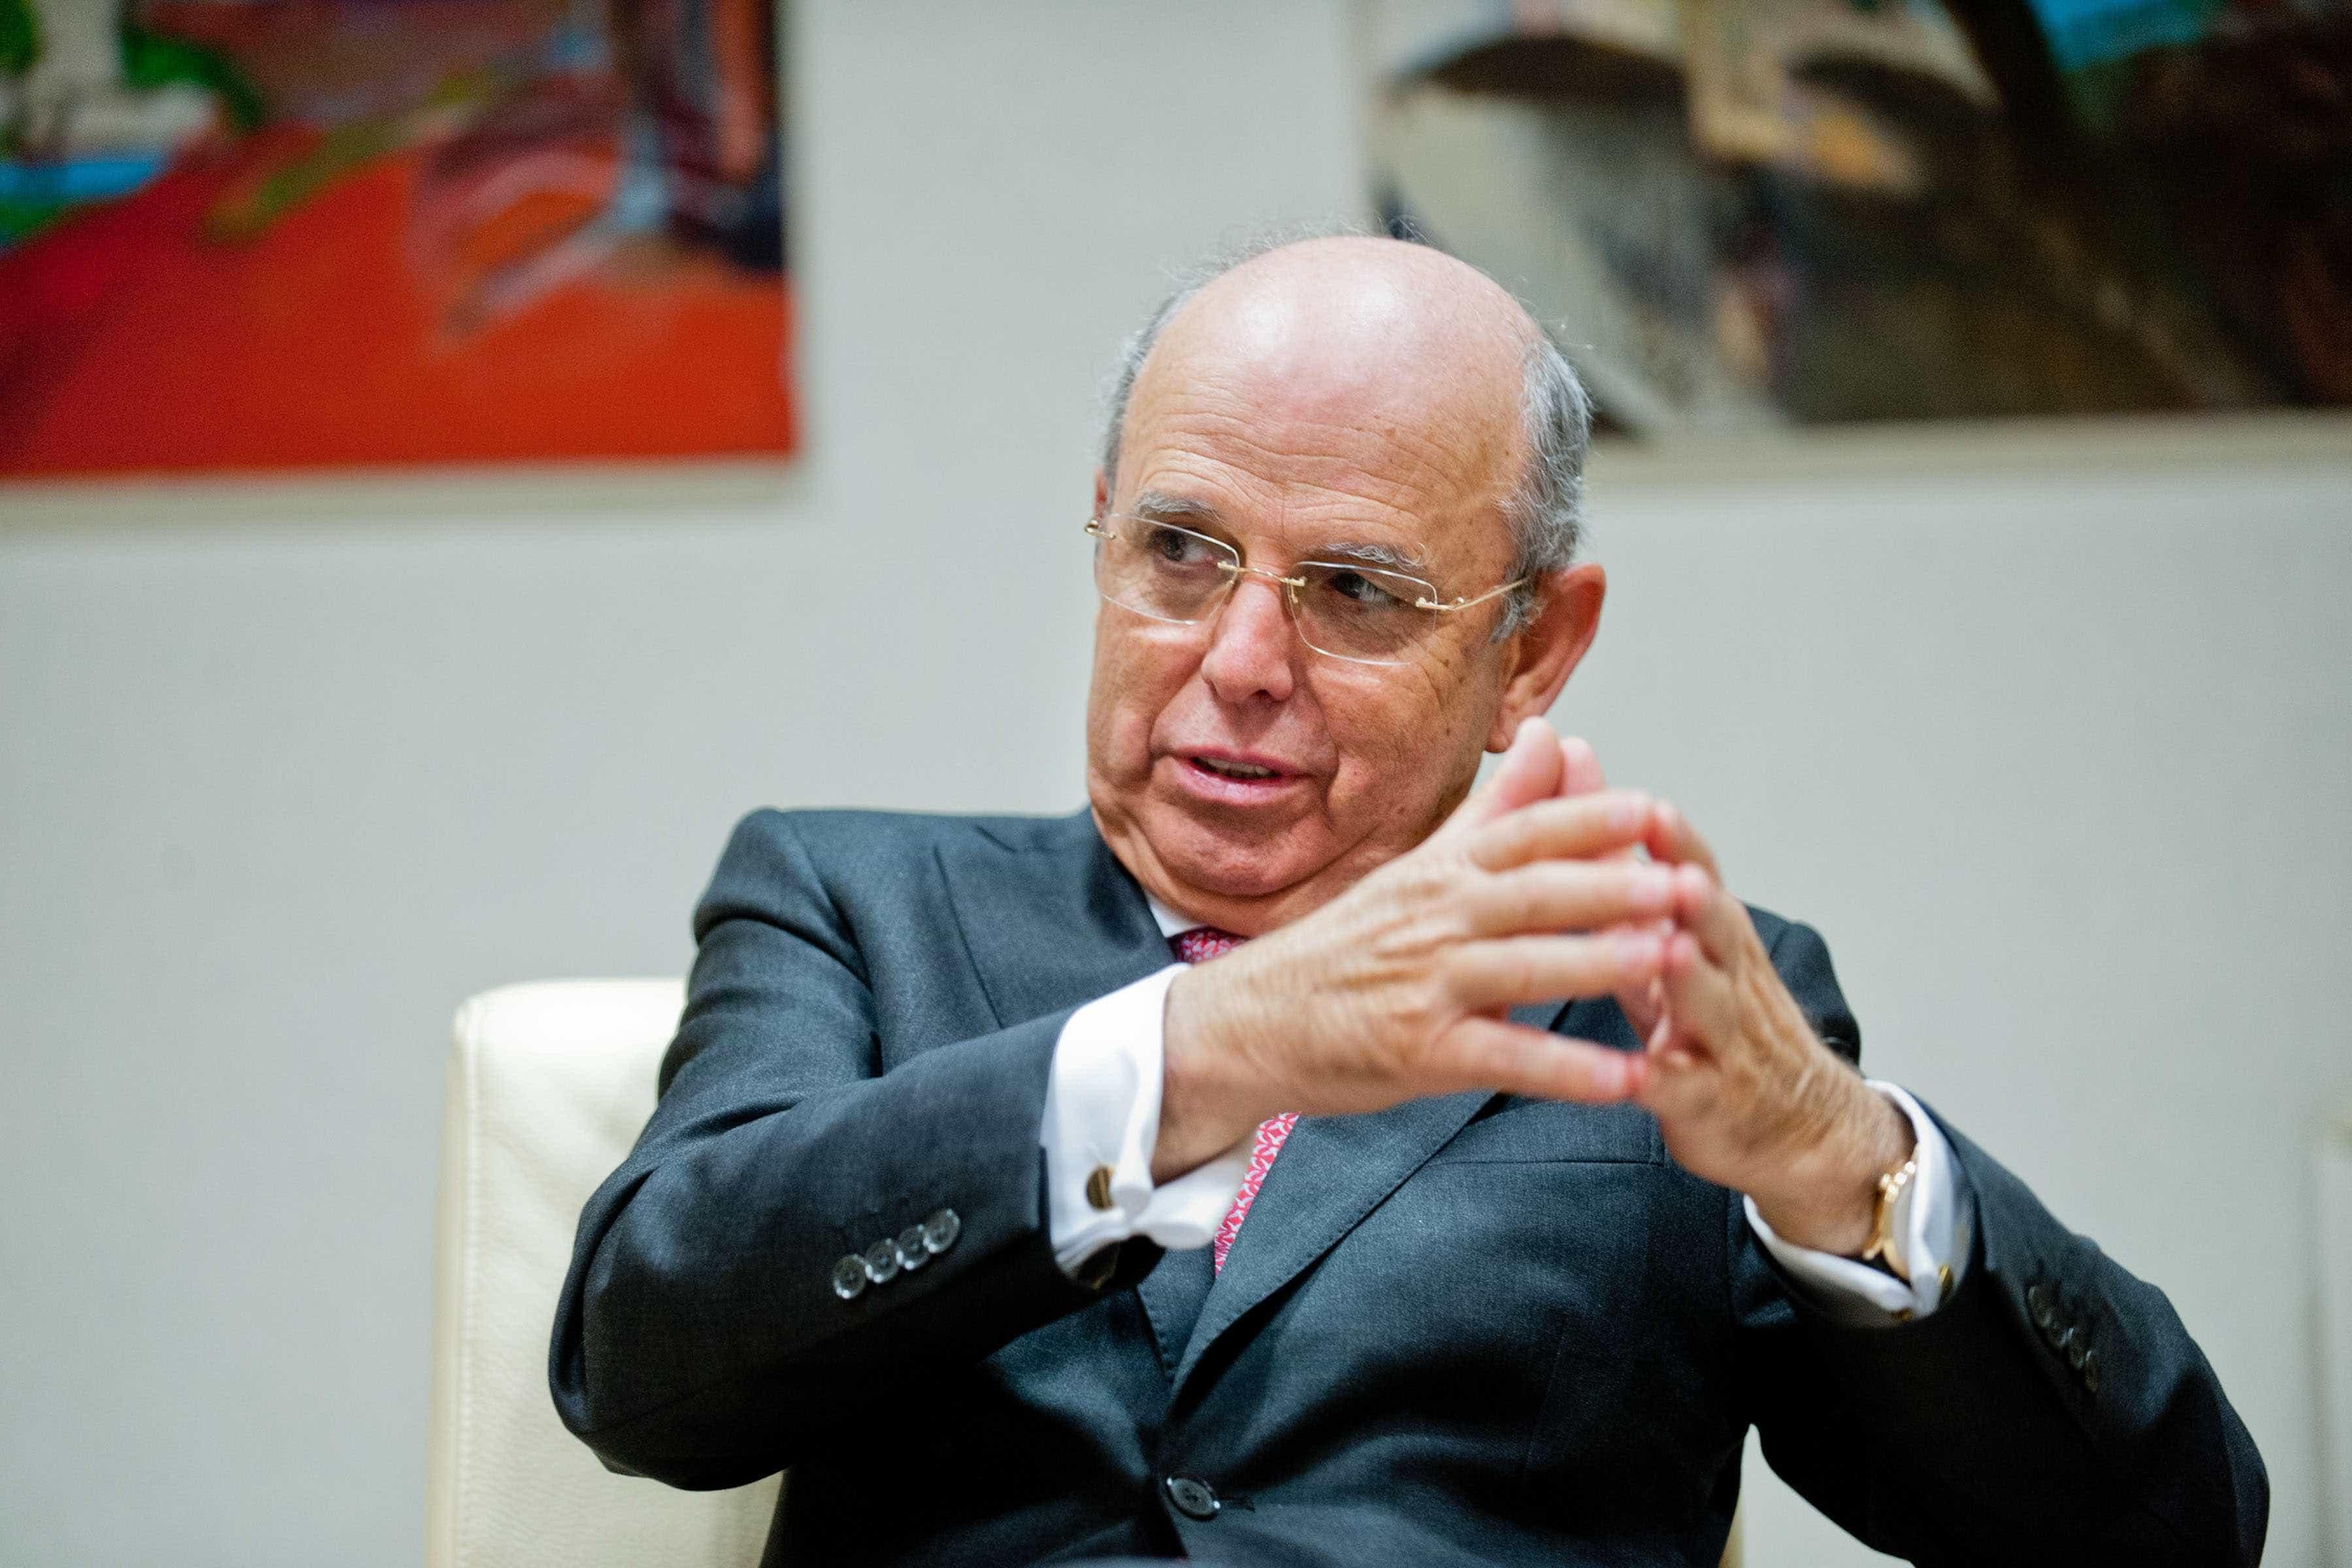 Tomás Correia venceu as eleições da Associação Mutualista Montepio Geral